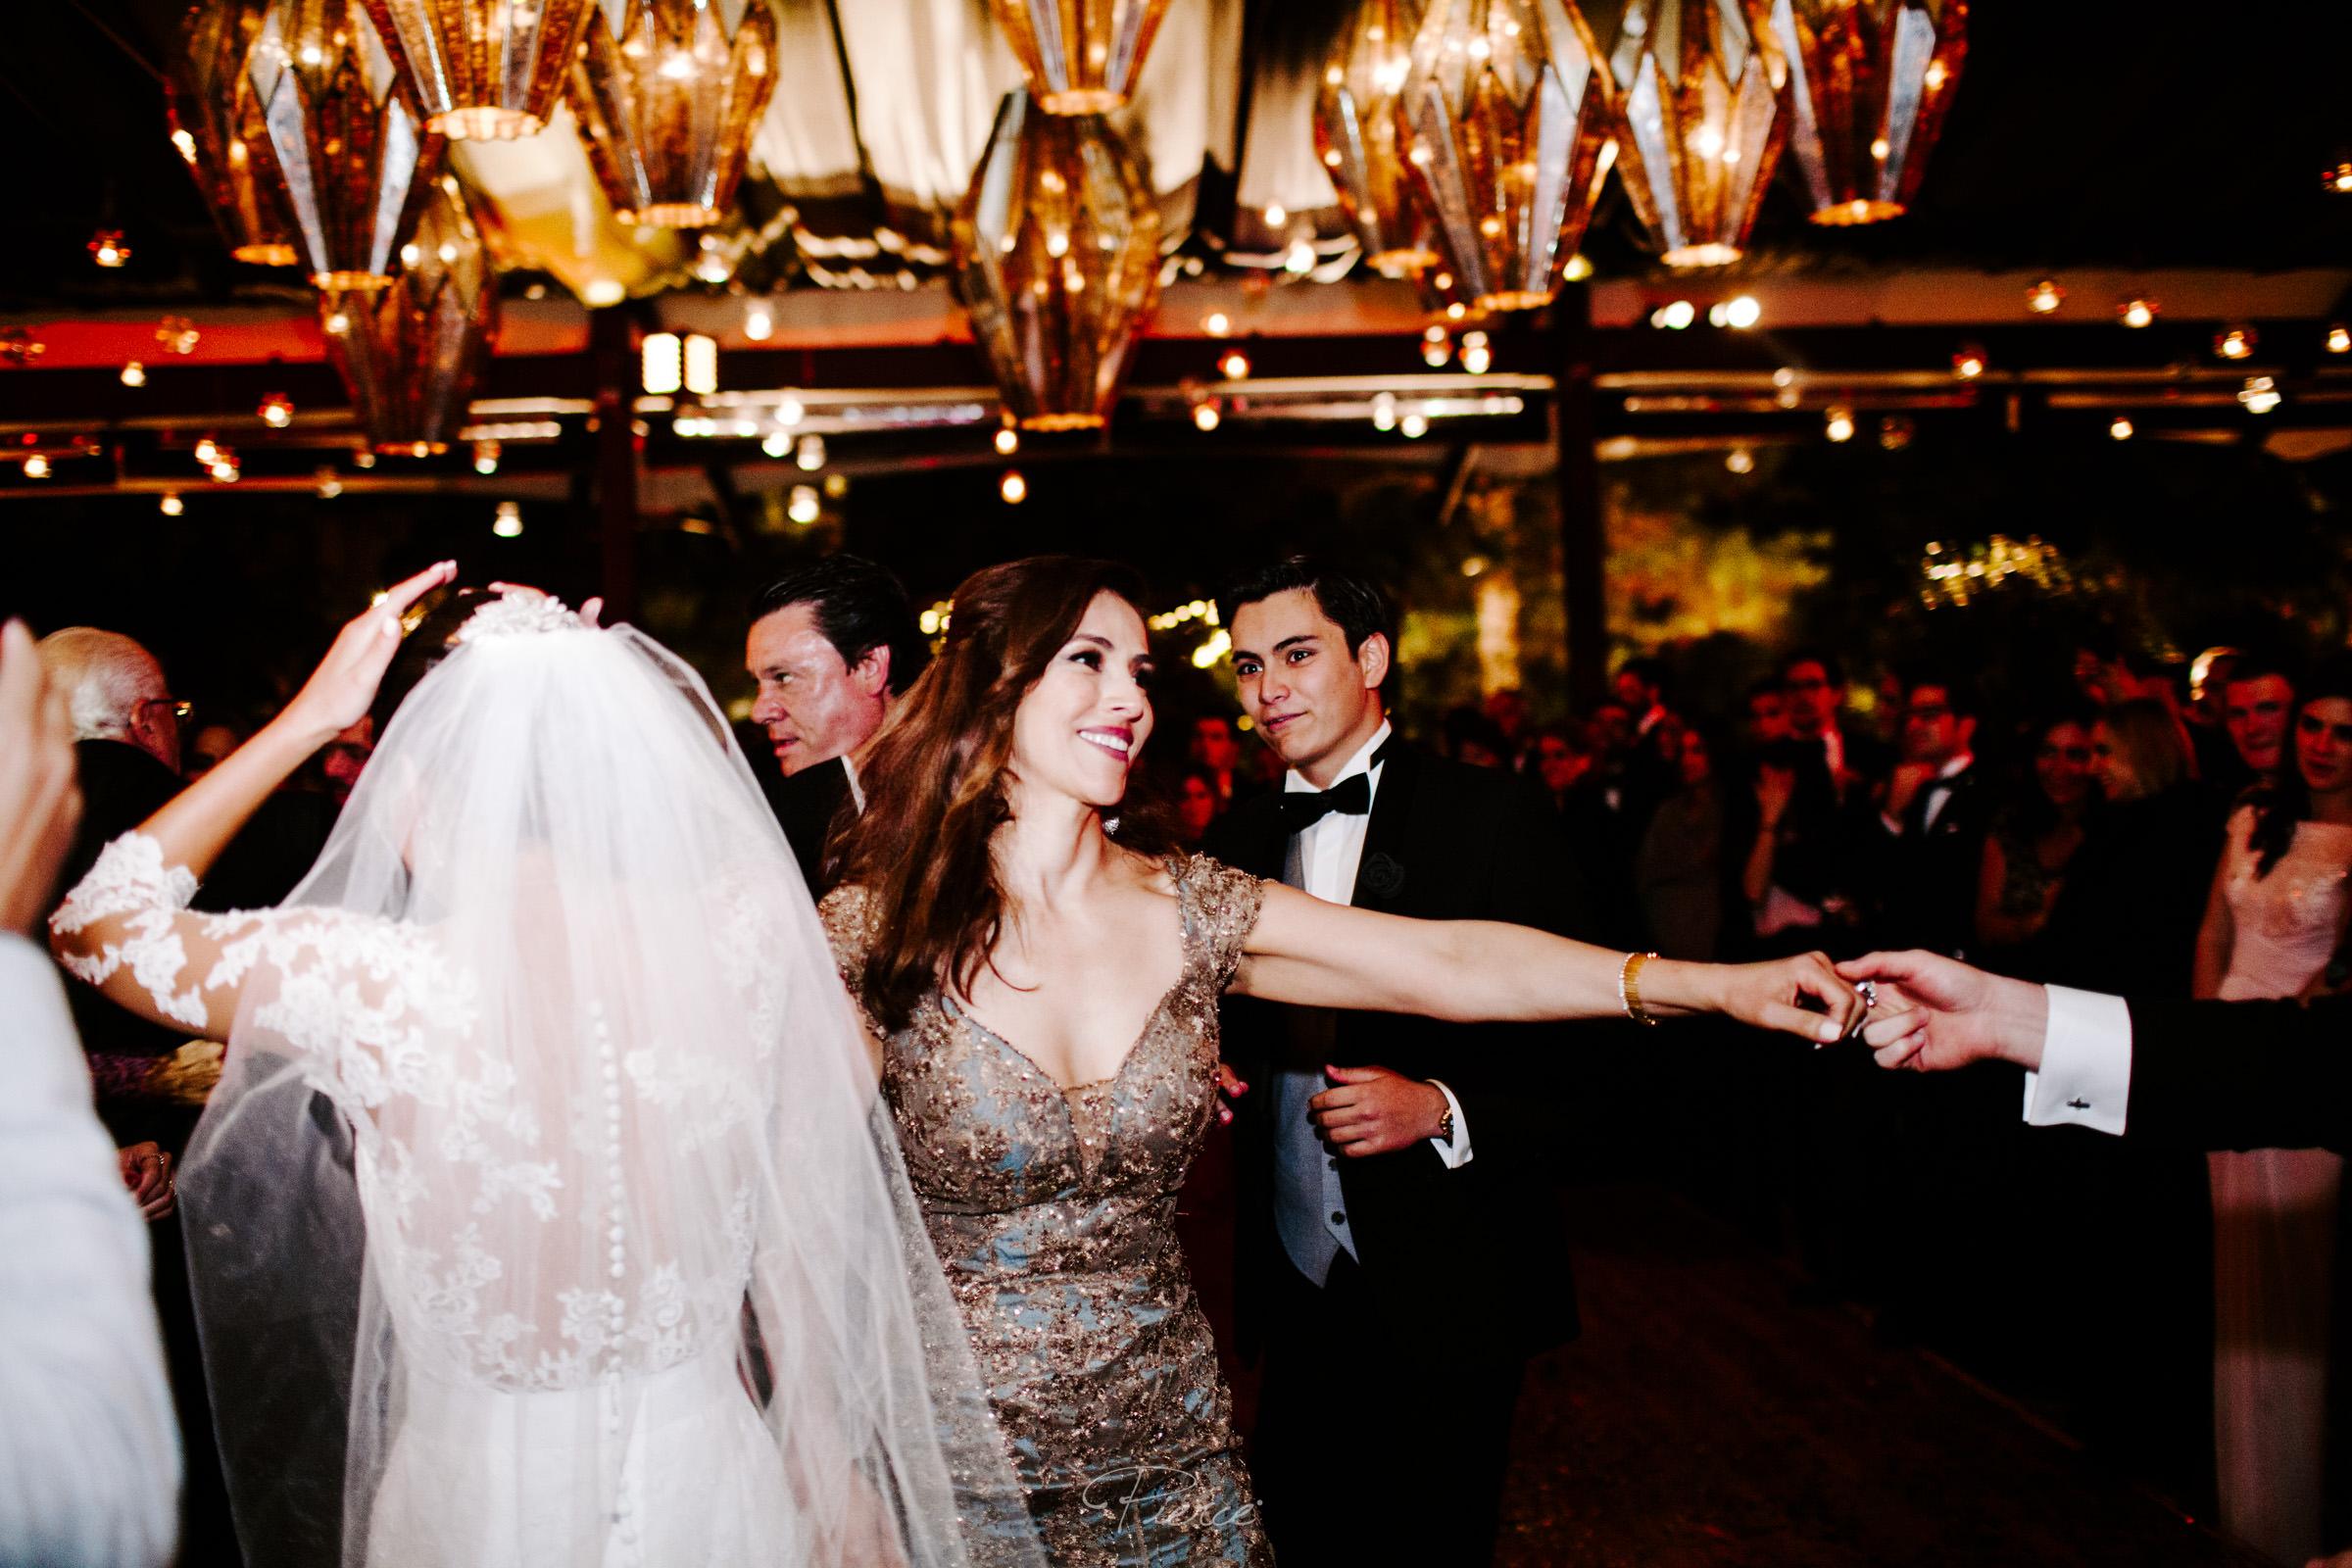 fotografia-de-boda-valle-de-bravo-mexico-rosmarino-pierce-weddings-0186.JPG